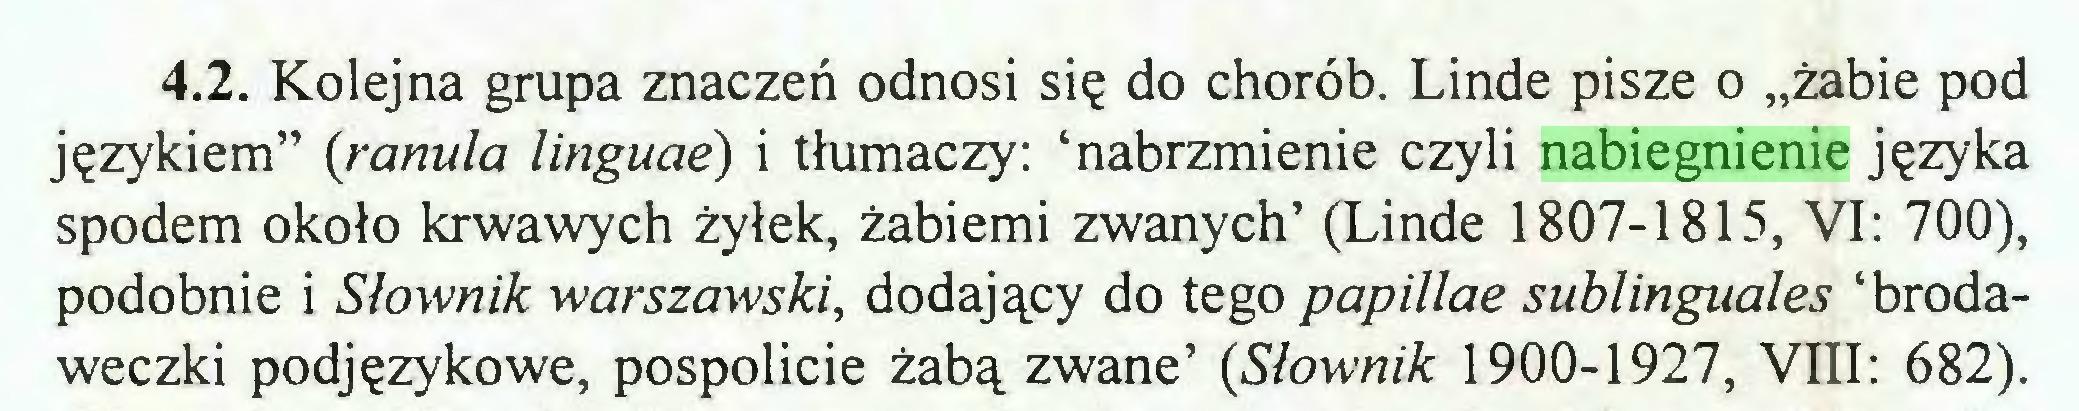 """(...) 4.2. Kolejna grupa znaczeń odnosi się do chorób. Linde pisze o """"żabie pod językiem"""" {ranula linguae) i tłumaczy: 'nabrzmienie czyli nabiegnienie języka spodem około krwawych żyłek, żabiemi zwanych' (Linde 1807-1815, VI: 700), podobnie i Słownik warszawski, dodający do tego papillae sublinguales 'brodaweczki podjęzykowe, pospolicie żabą zwane' {Słownik 1900-1927, VIII: 682)..."""